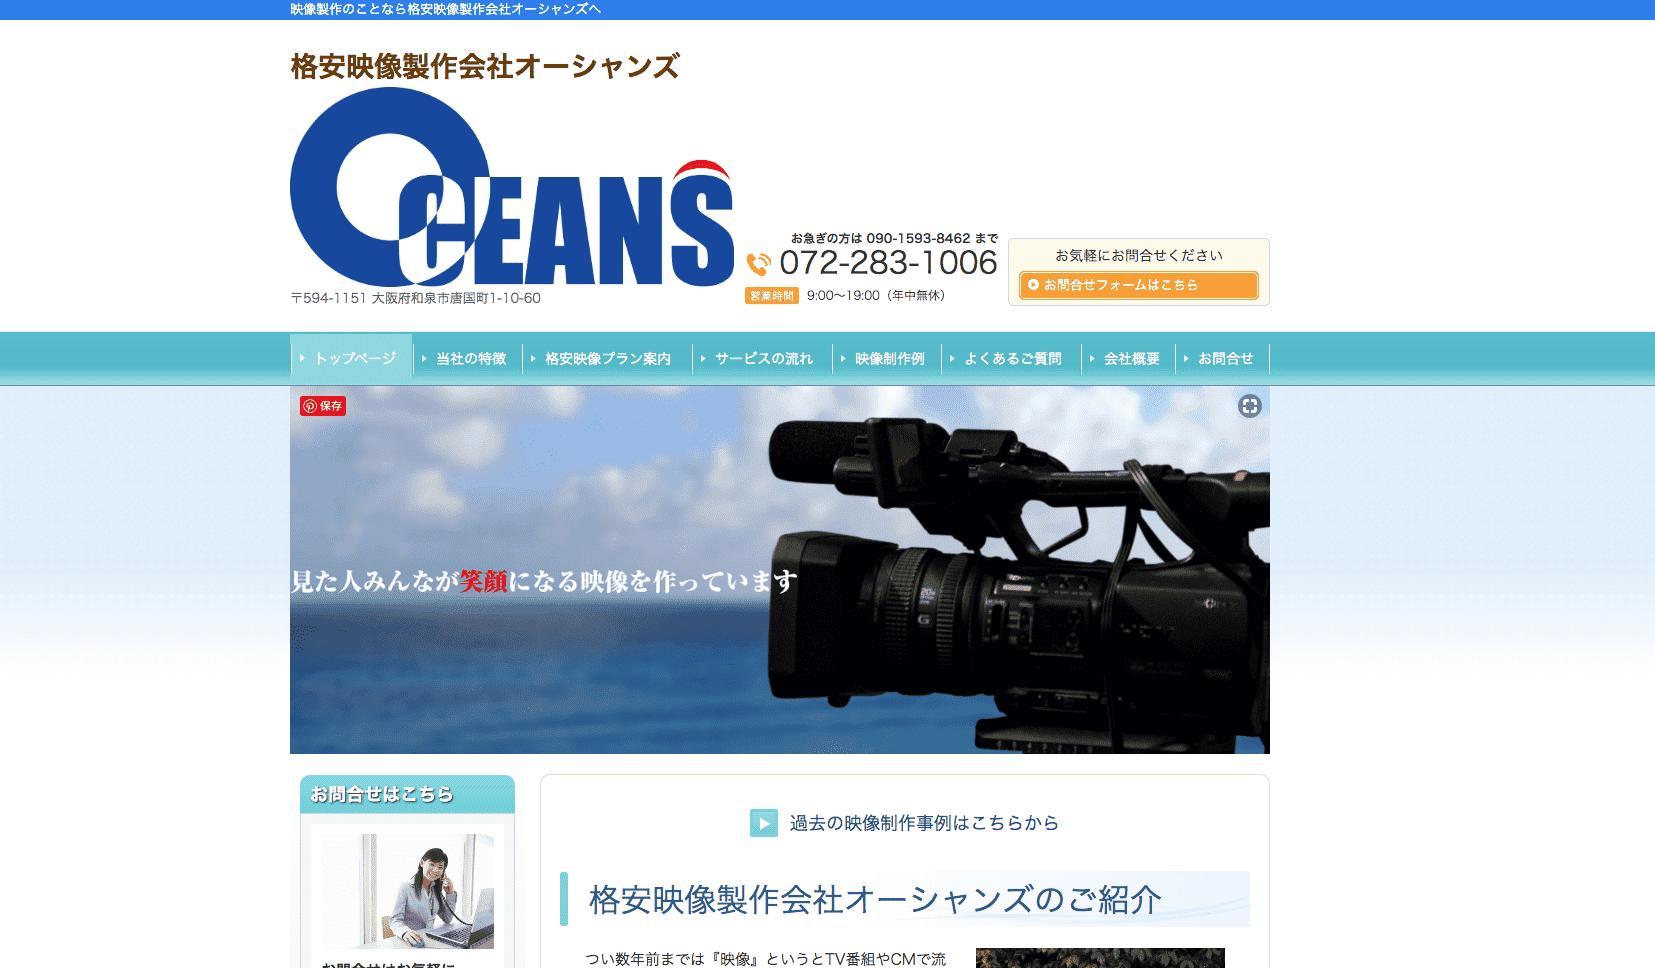 動画制作会社4:オーシャンズ